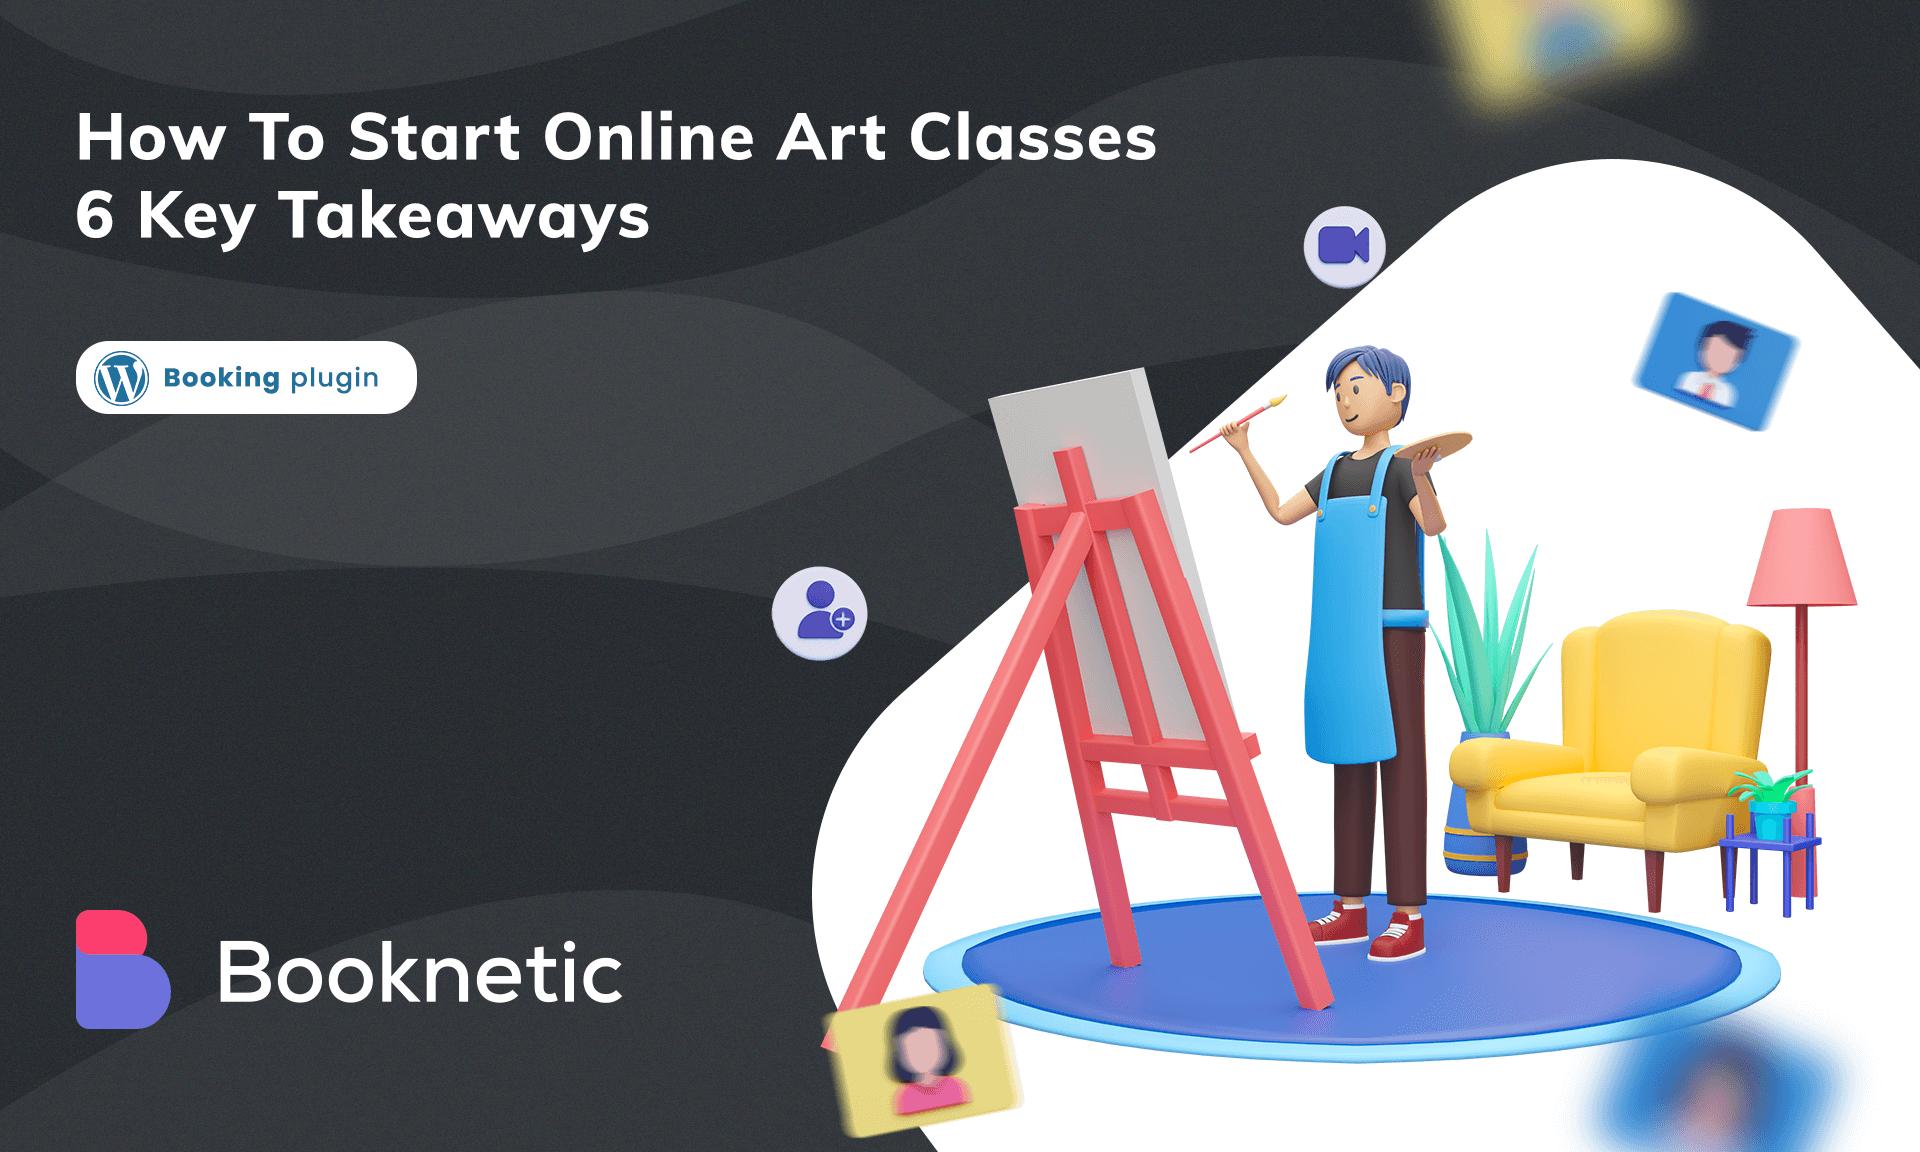 How to start online art classes? | 6 Key Takeaways